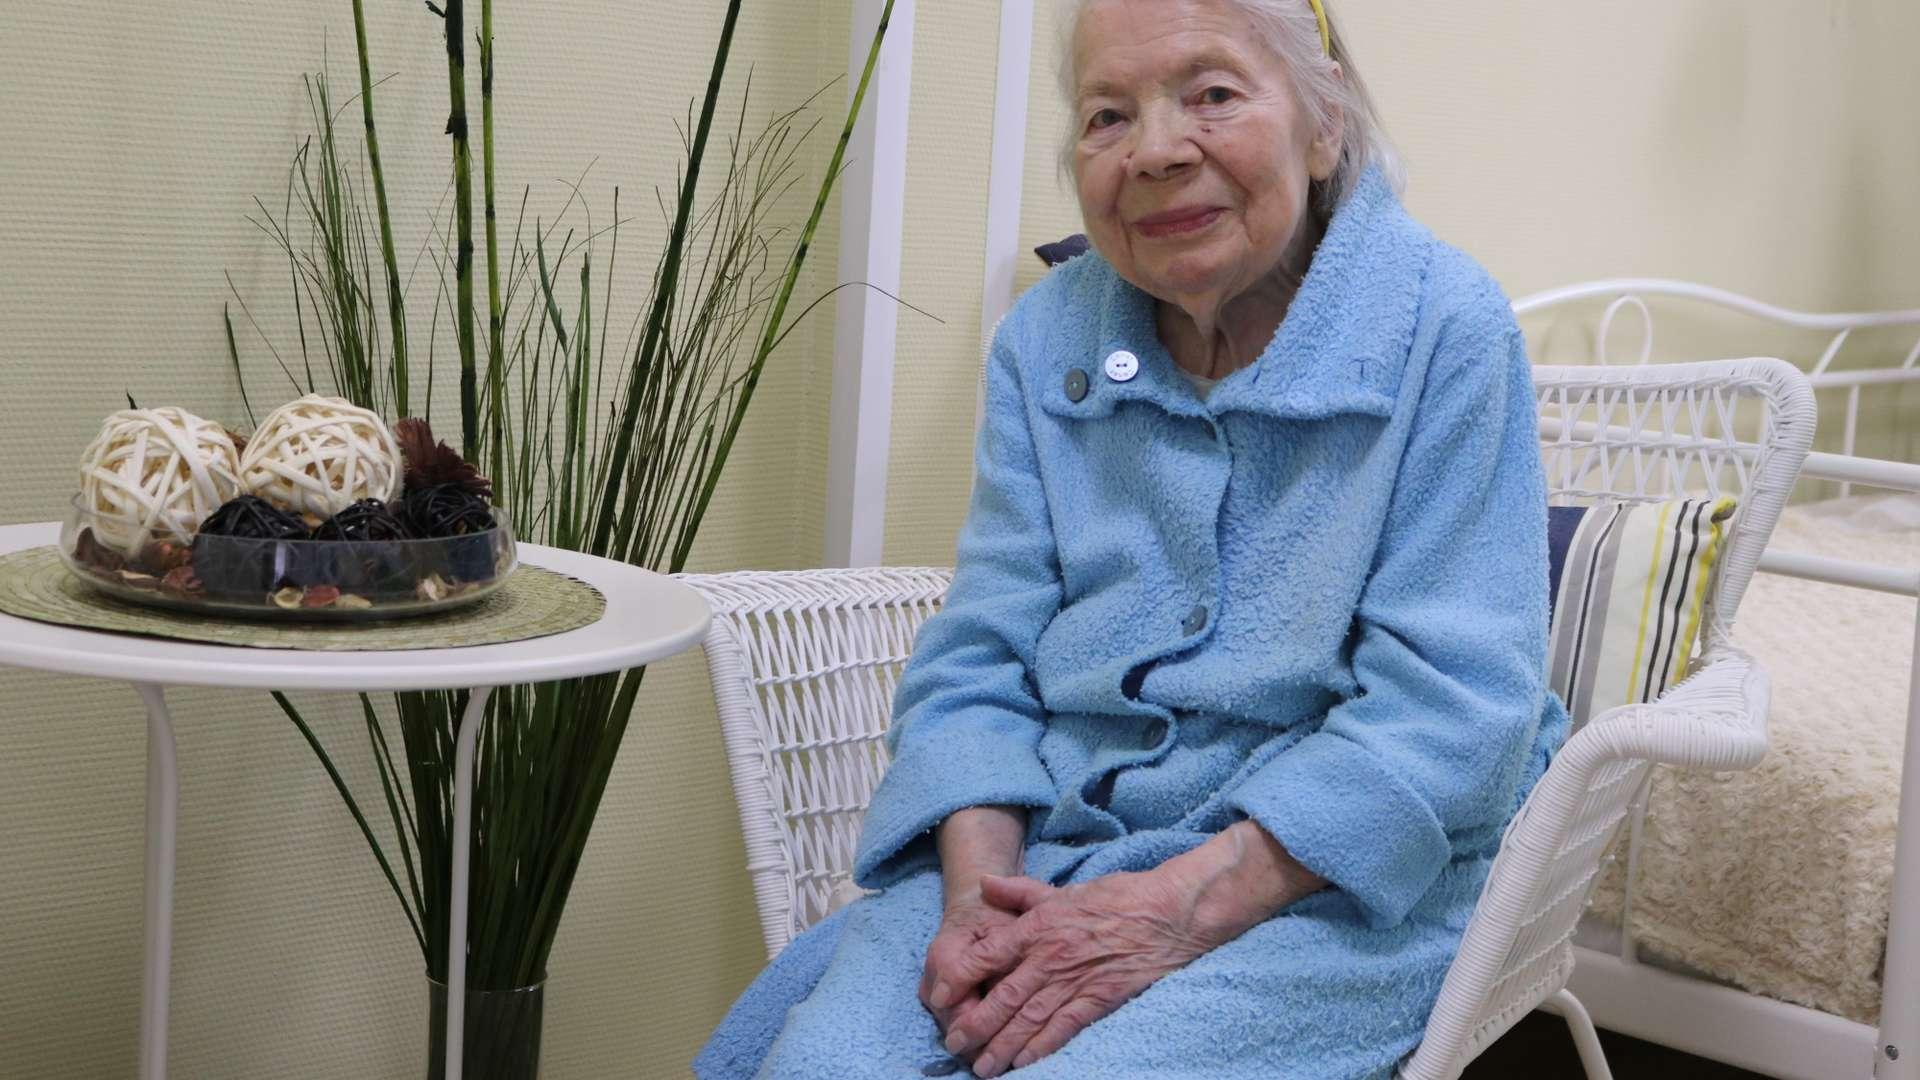 Пансионат для пожилых людей союз в свиблово организация социального обслуживания лиц пожилого возраста на дому